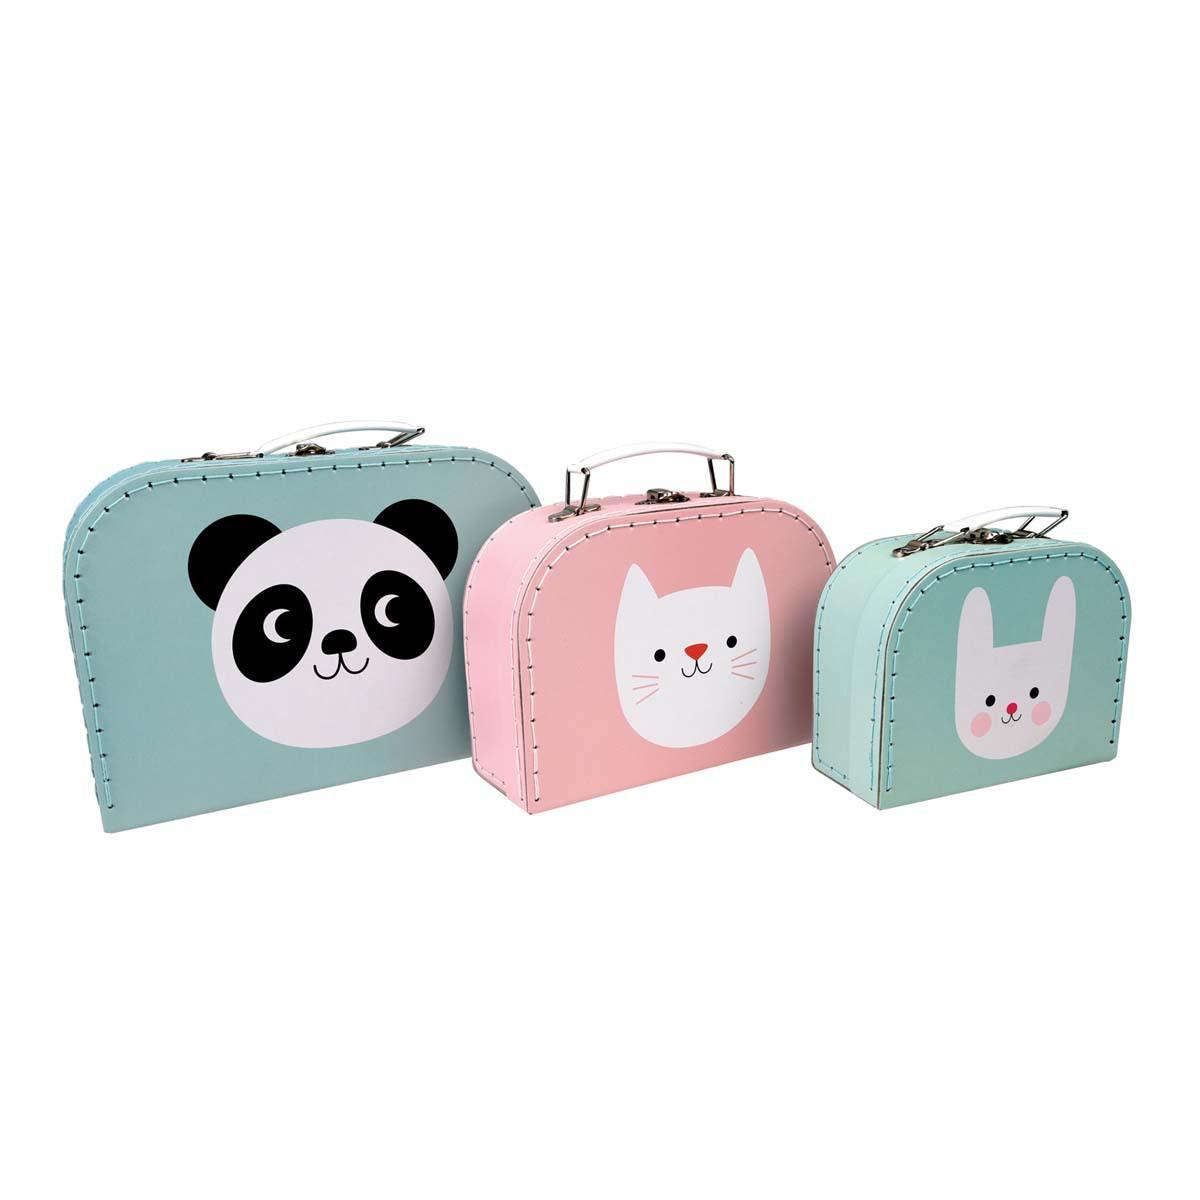 Rangement jouet Set de 3 Valisettes Panda, Chat & Lapin Set de 3 Valisettes Panda, Chat & Lapin